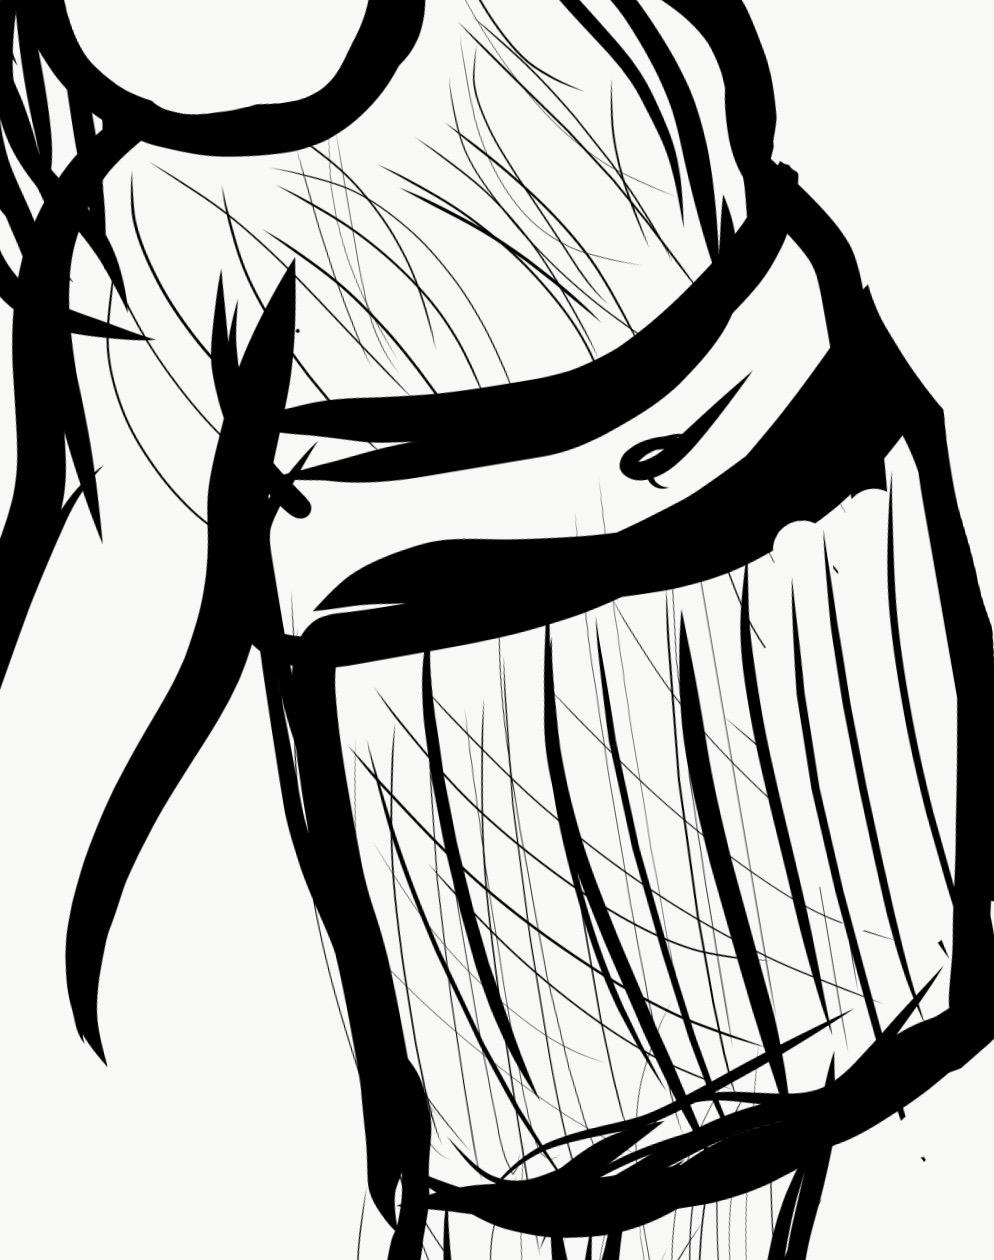 Schwarz-weiß Zeichnung eines Menschen. Nkweeny zeigt sich hier in bauchfreier Kleidung mit schulterlangen Braids.